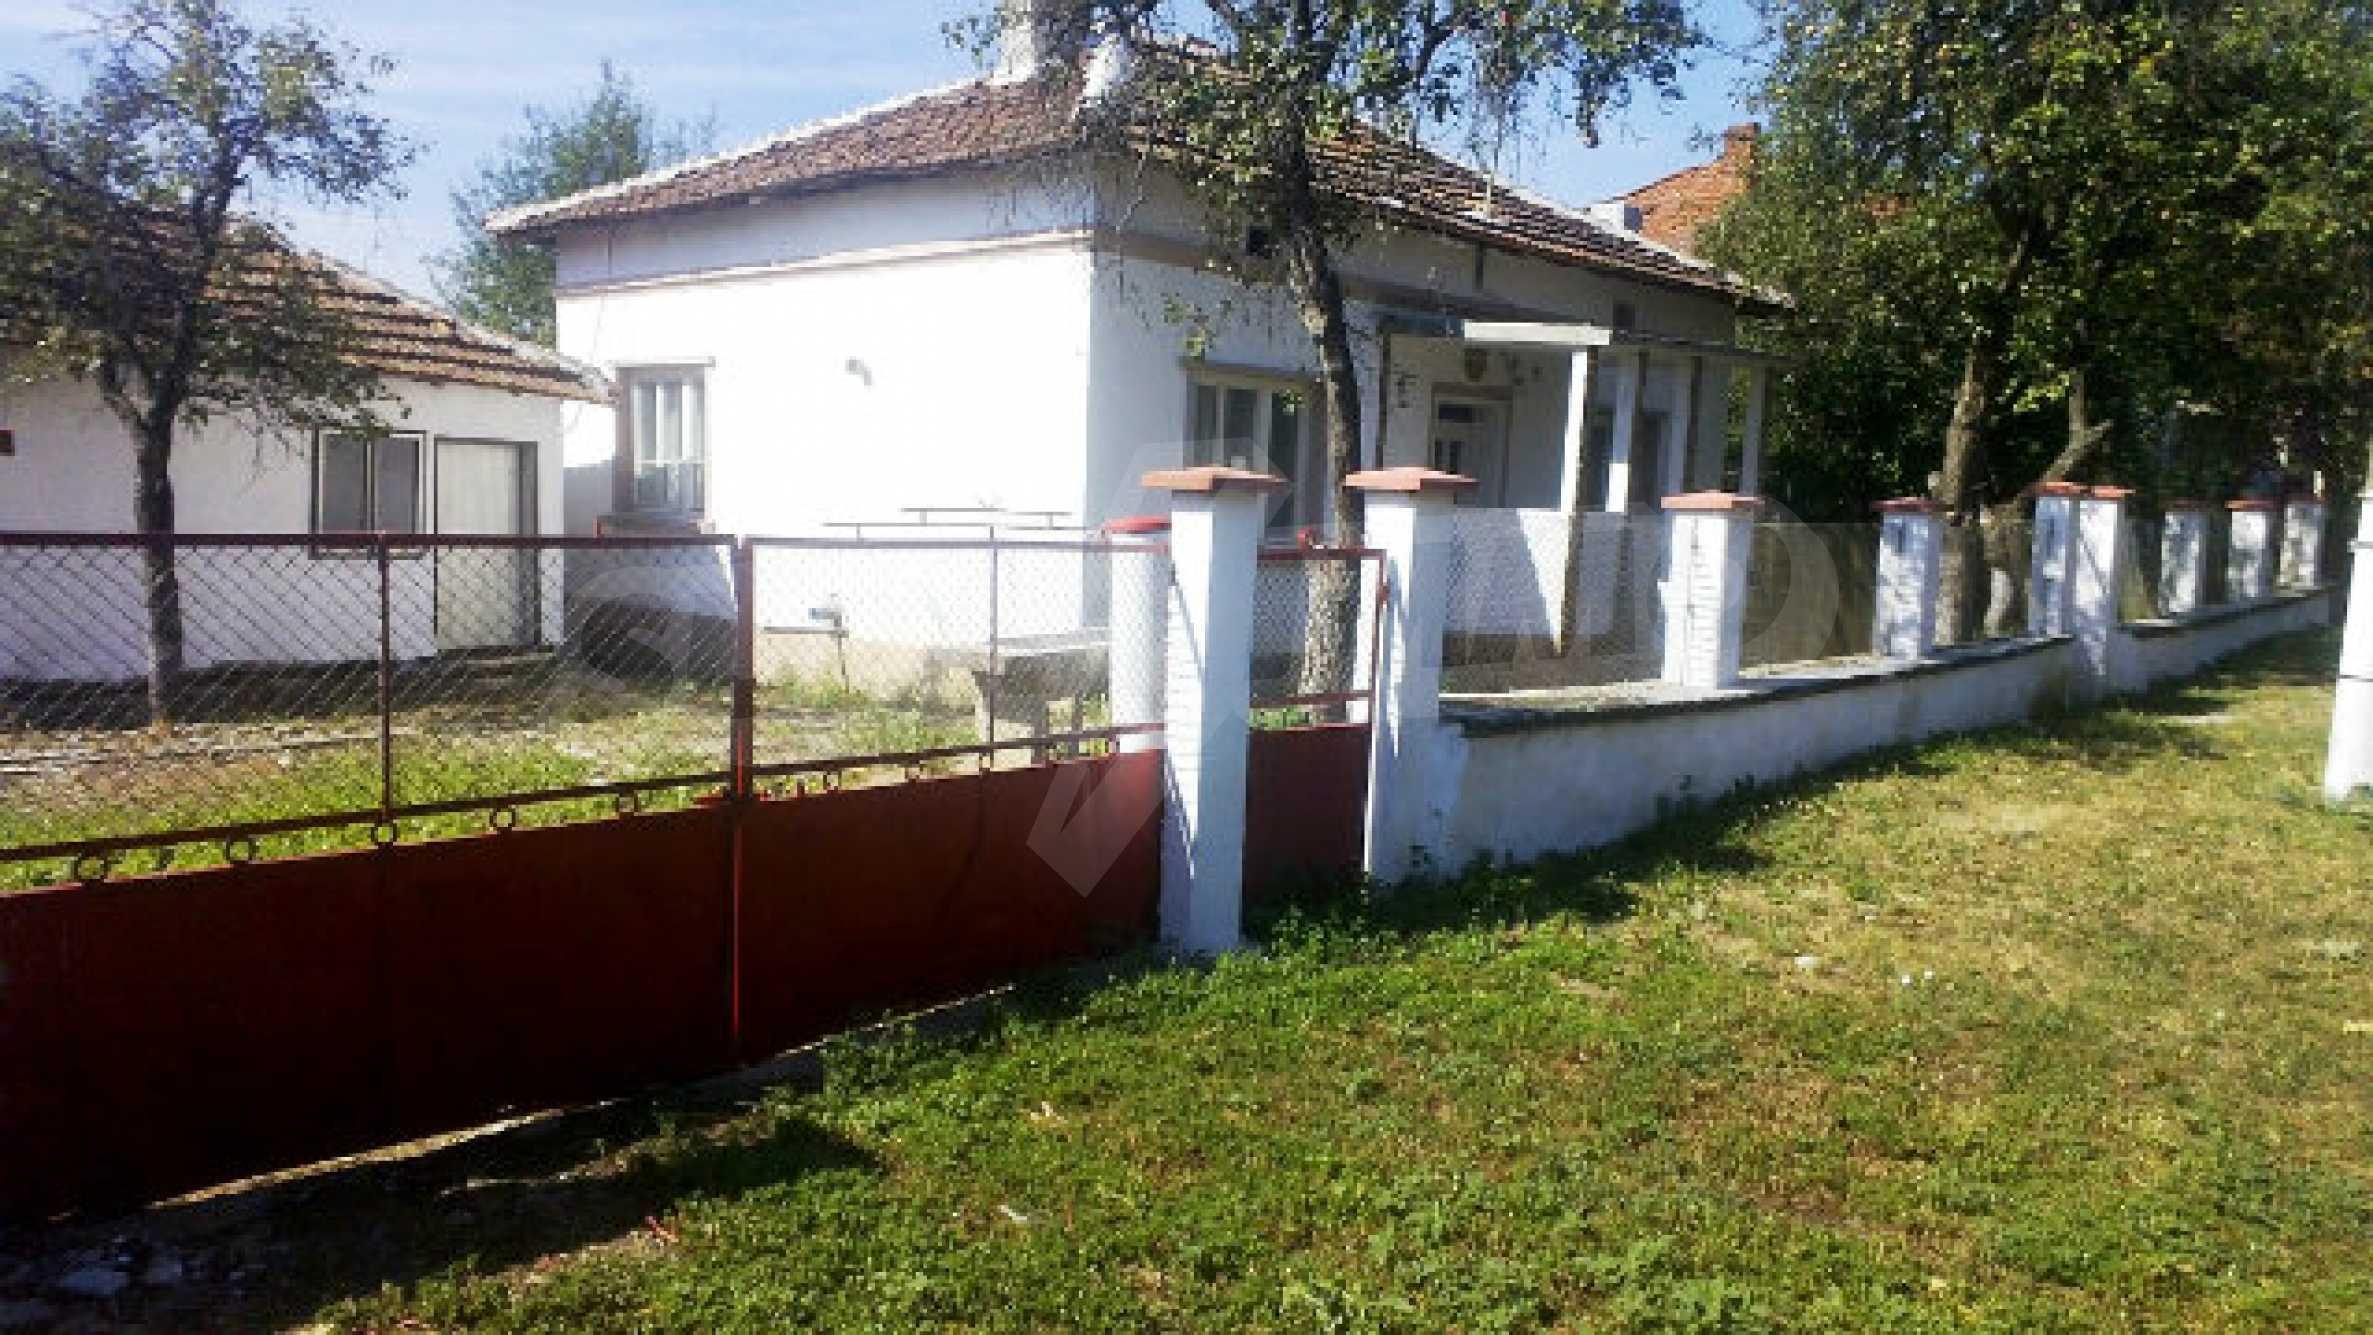 Massives einstöckiges Haus mit Küche in einem kleinen Dorf 40 km von Vidin entfernt